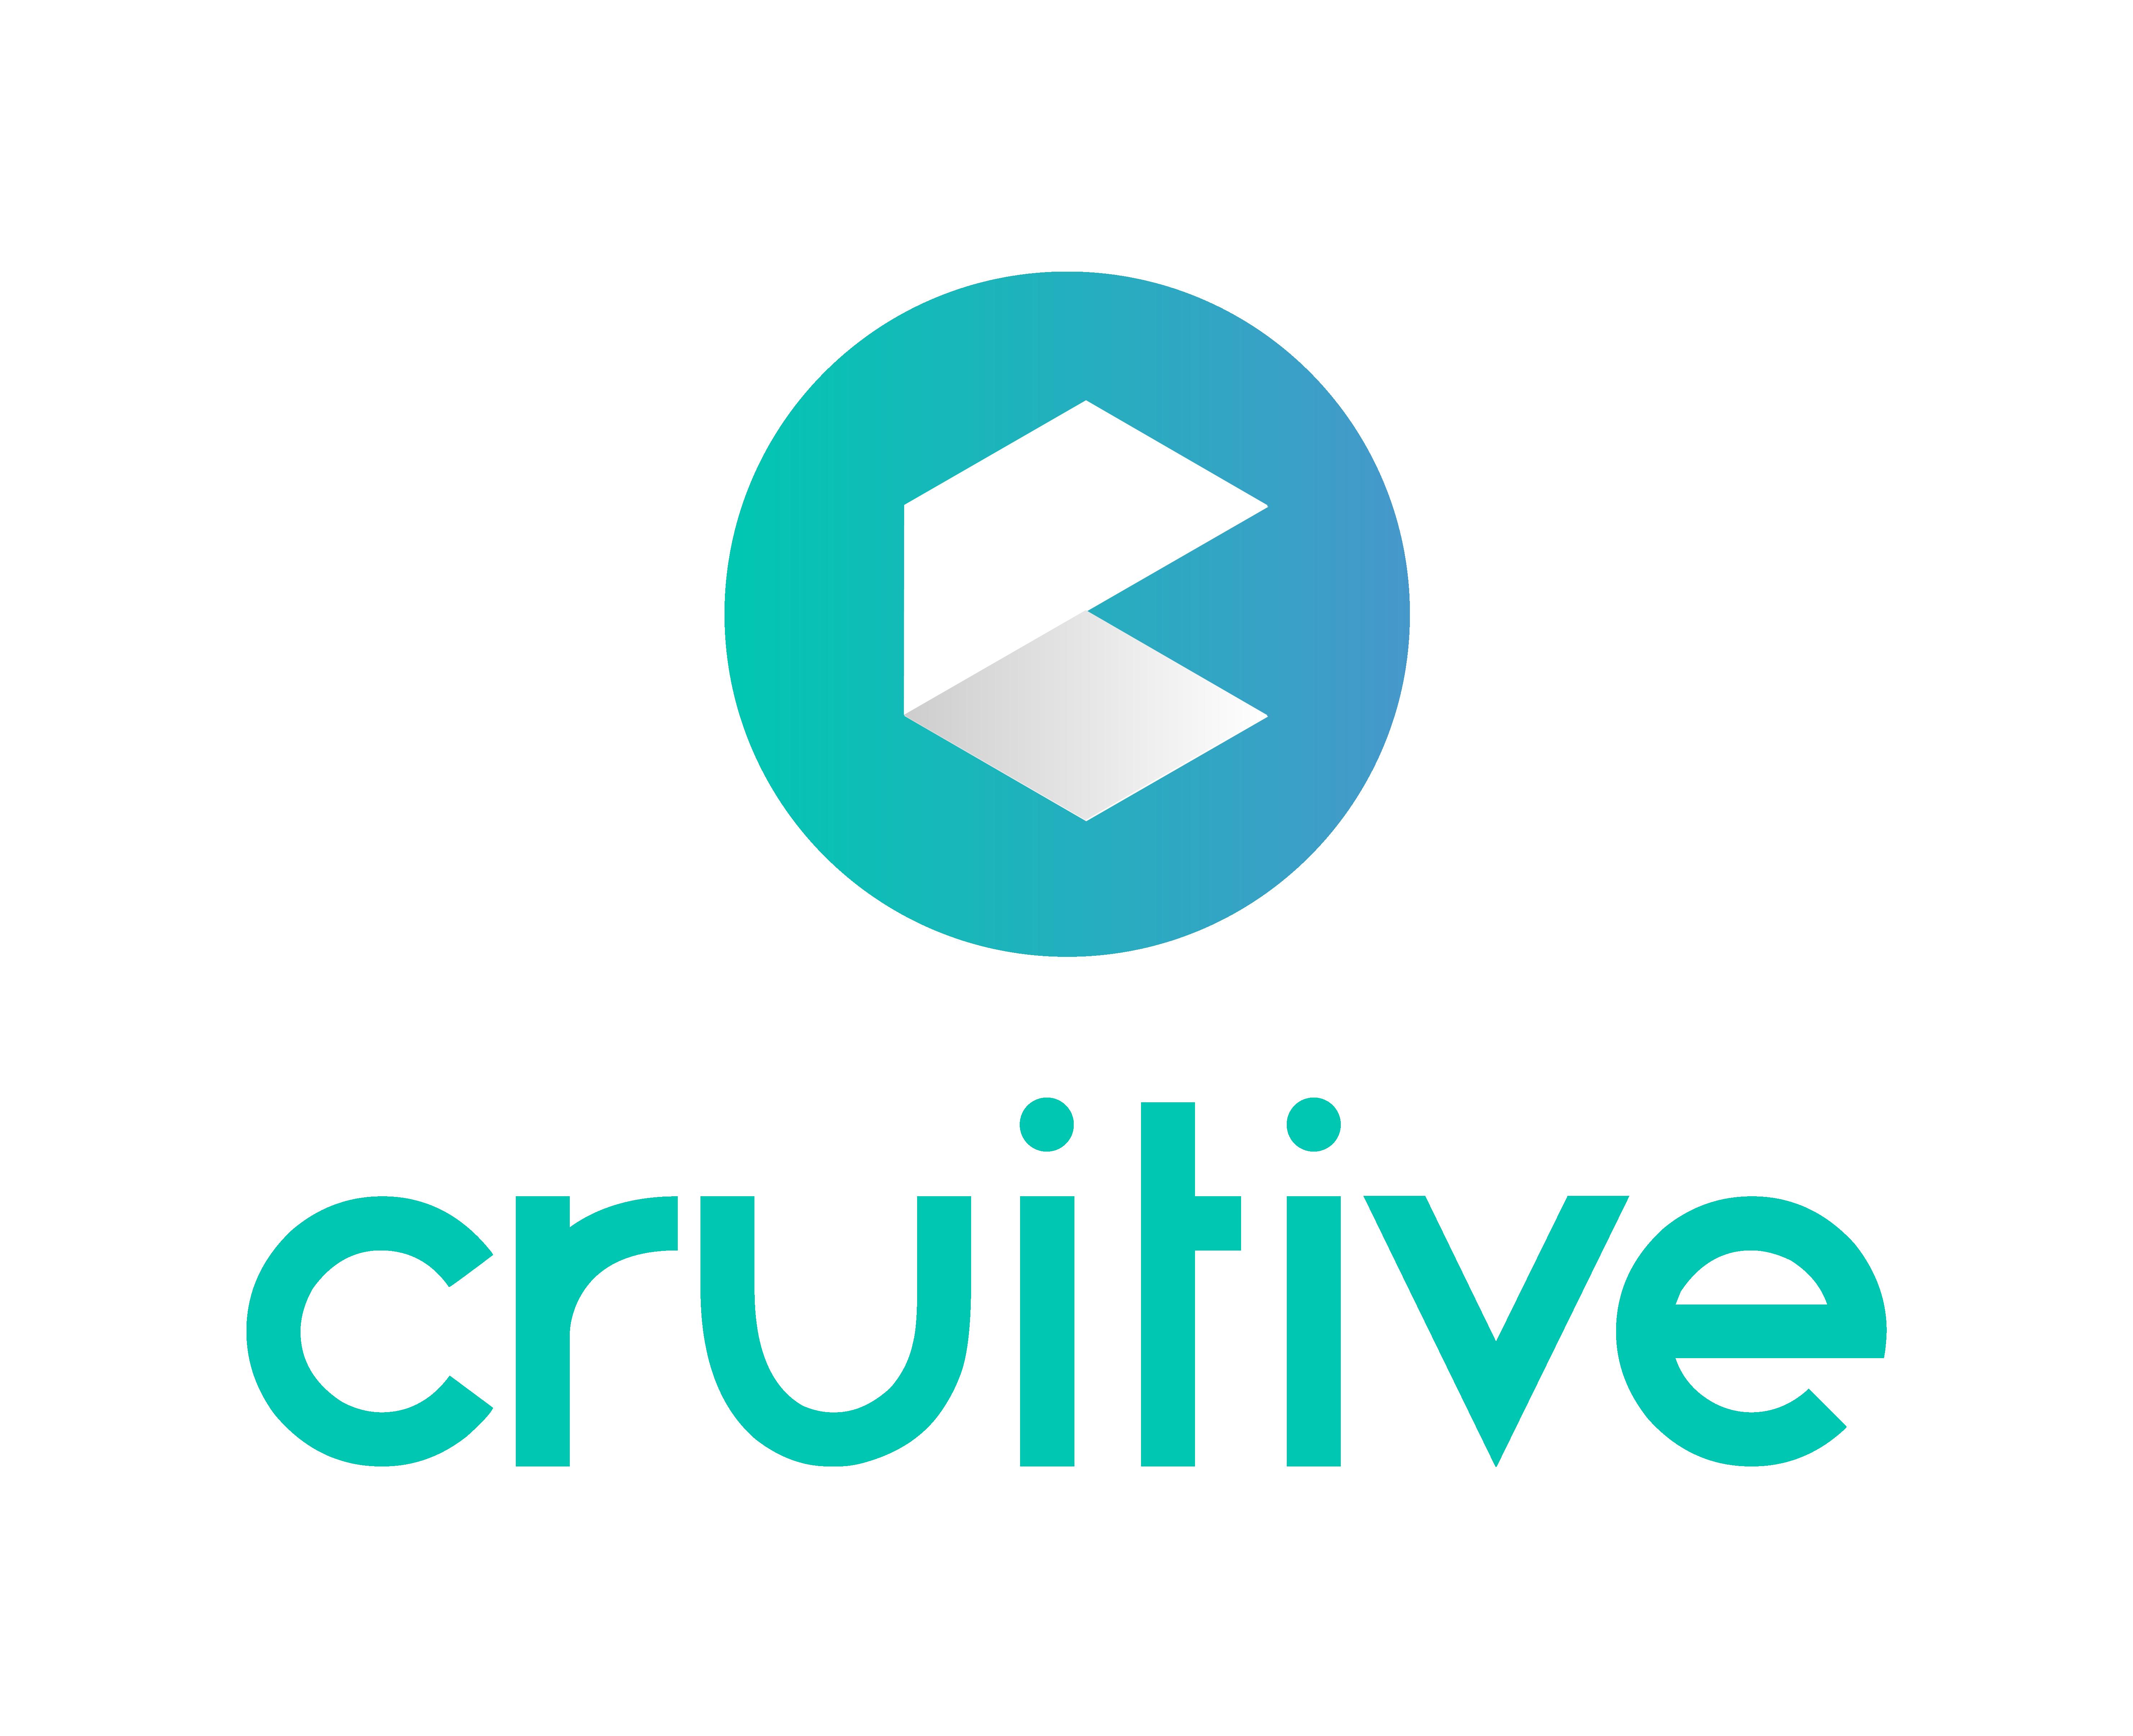 Cruitive